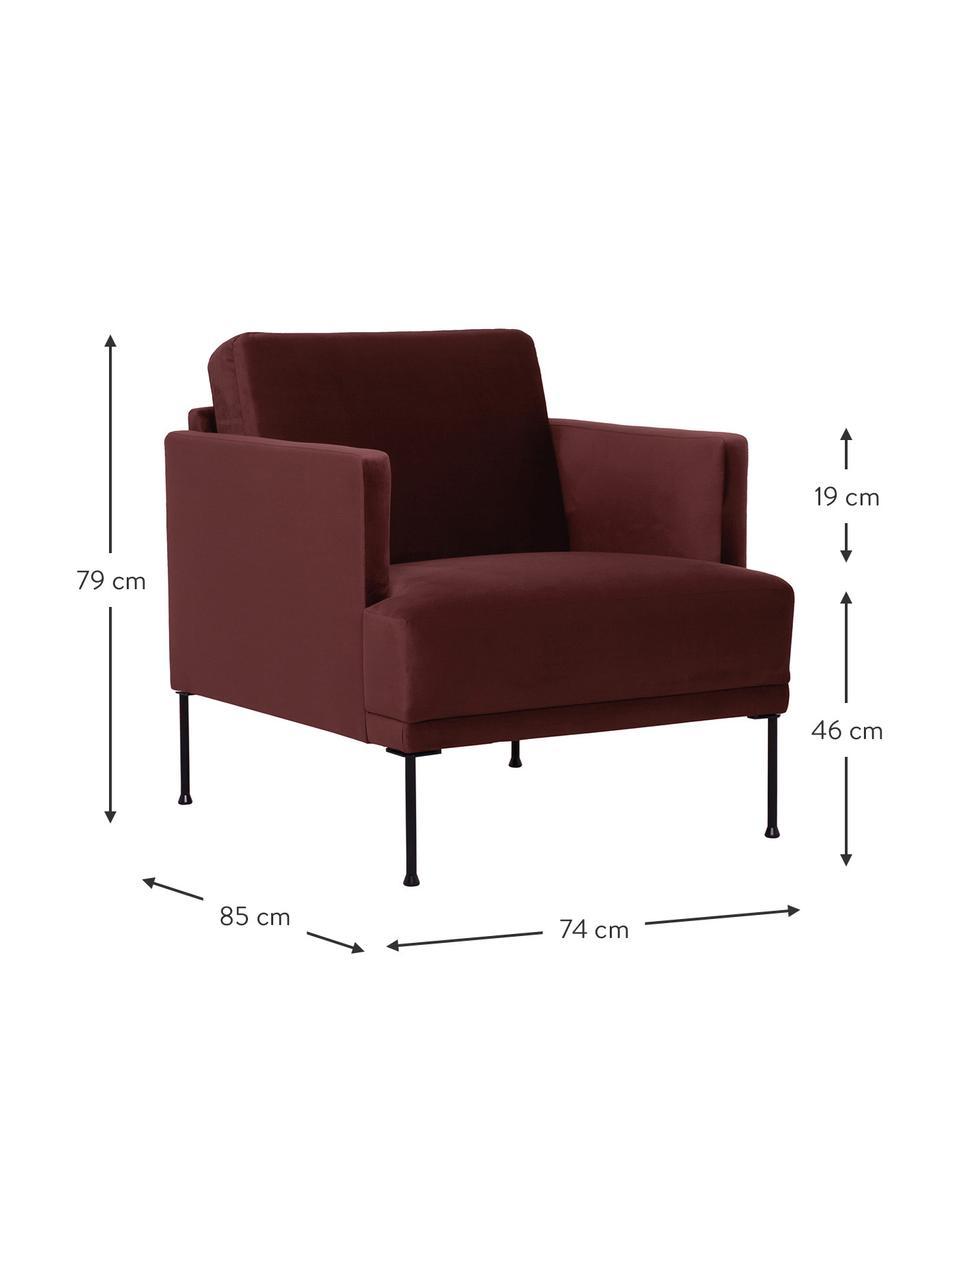 Samt-Sessel Fluente in Rostrot mit Metall-Füßen, Bezug: Samt (Hochwertiger Polyes, Gestell: Massives Kiefernholz, Füße: Metall, pulverbeschichtet, Samt Rostrot, B 74 x T 85 cm